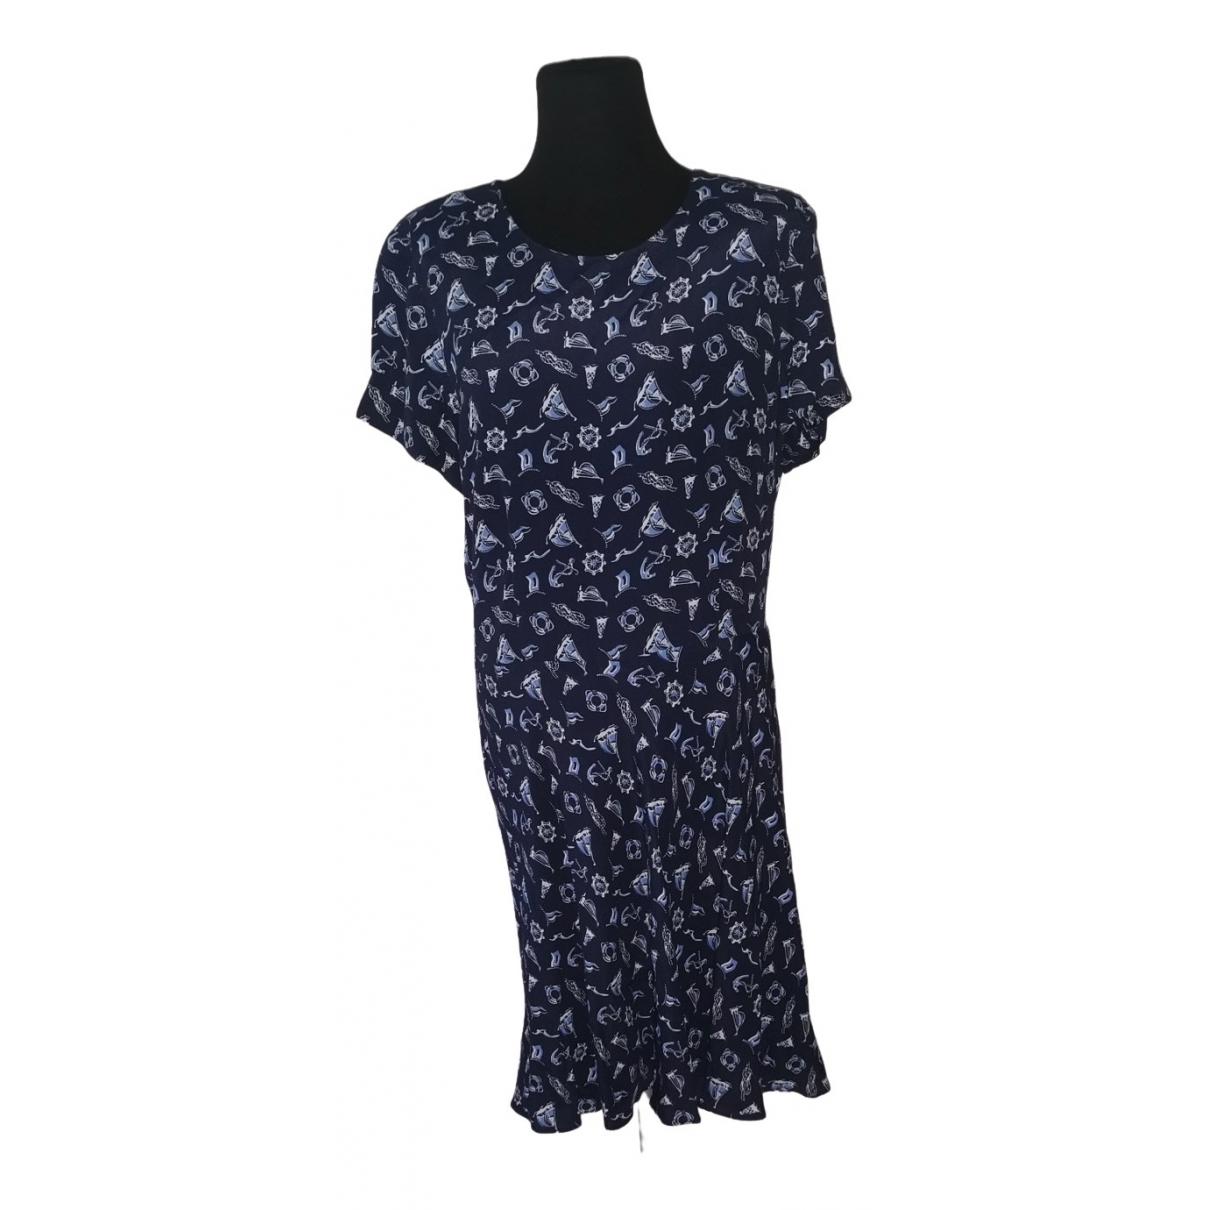 Polo Ralph Lauren \N Kleid in  Blau Viskose